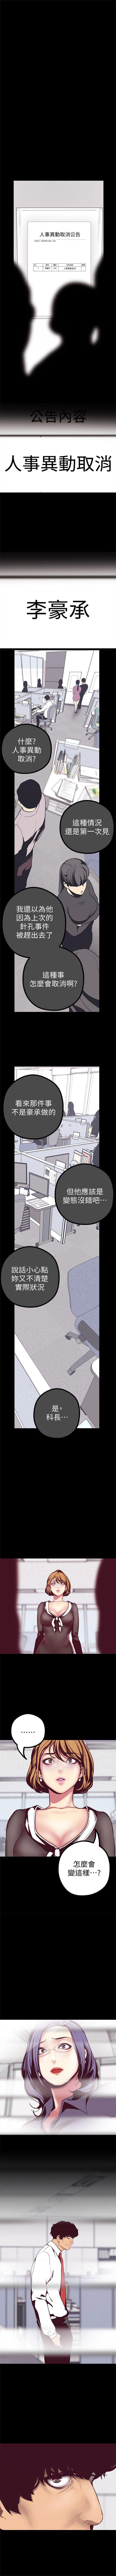 (週1)美麗新世界 1-76 中文翻譯 (更新中) 115